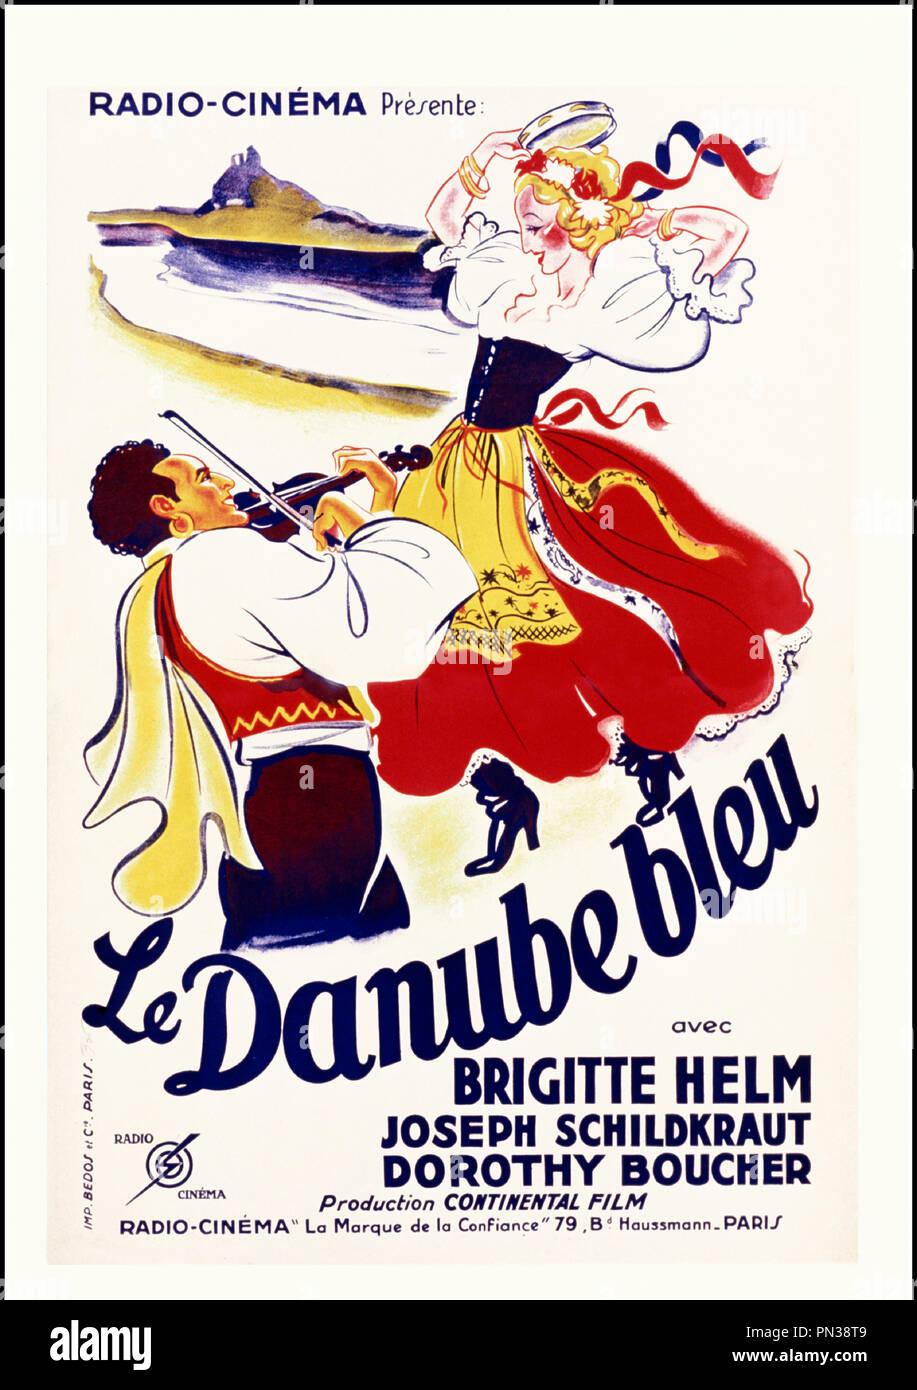 Prod DB © Herbert Wilcox Productions - British & Dominions Film Corporation / DR LE DANUBE BLEU (THE BLUE DANUBE) de Herbert Wilcox 1932 GB. affiche française avec Brigitte Helm et Joseph Schildkraut - Stock Image